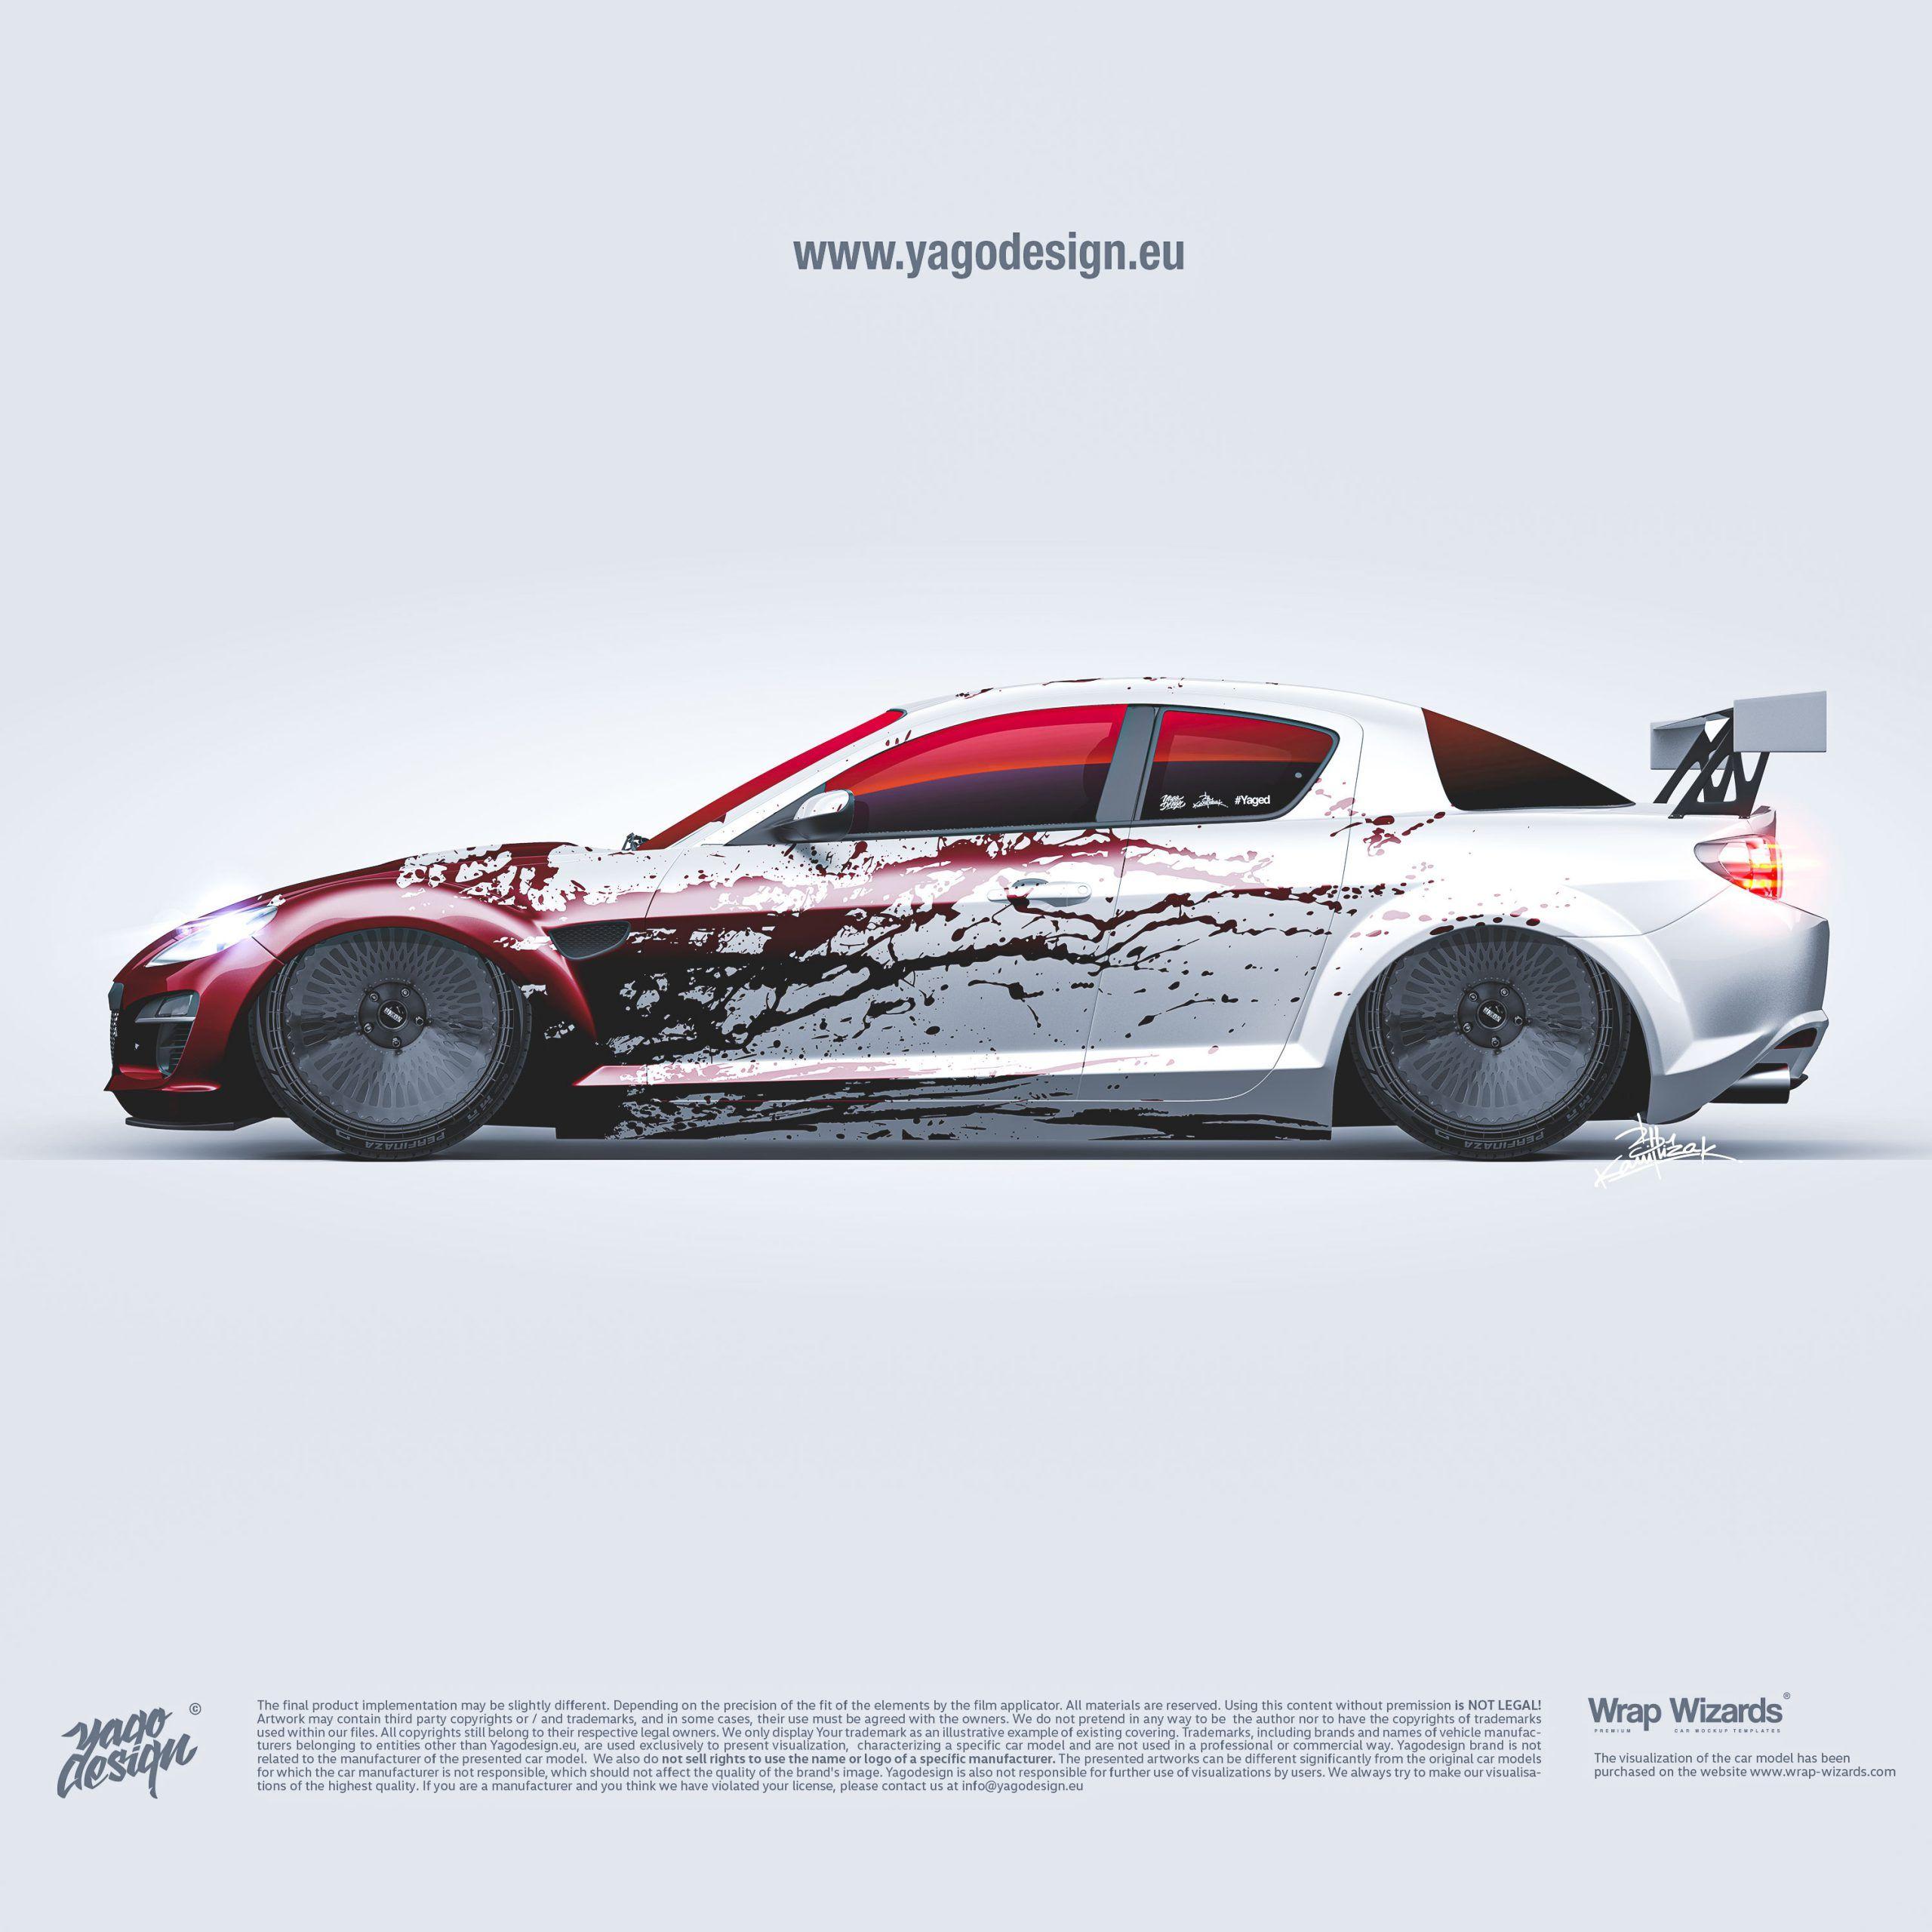 Mazda Rx 8 By Livery Design In 2020 Automotive Design Design Design Studio